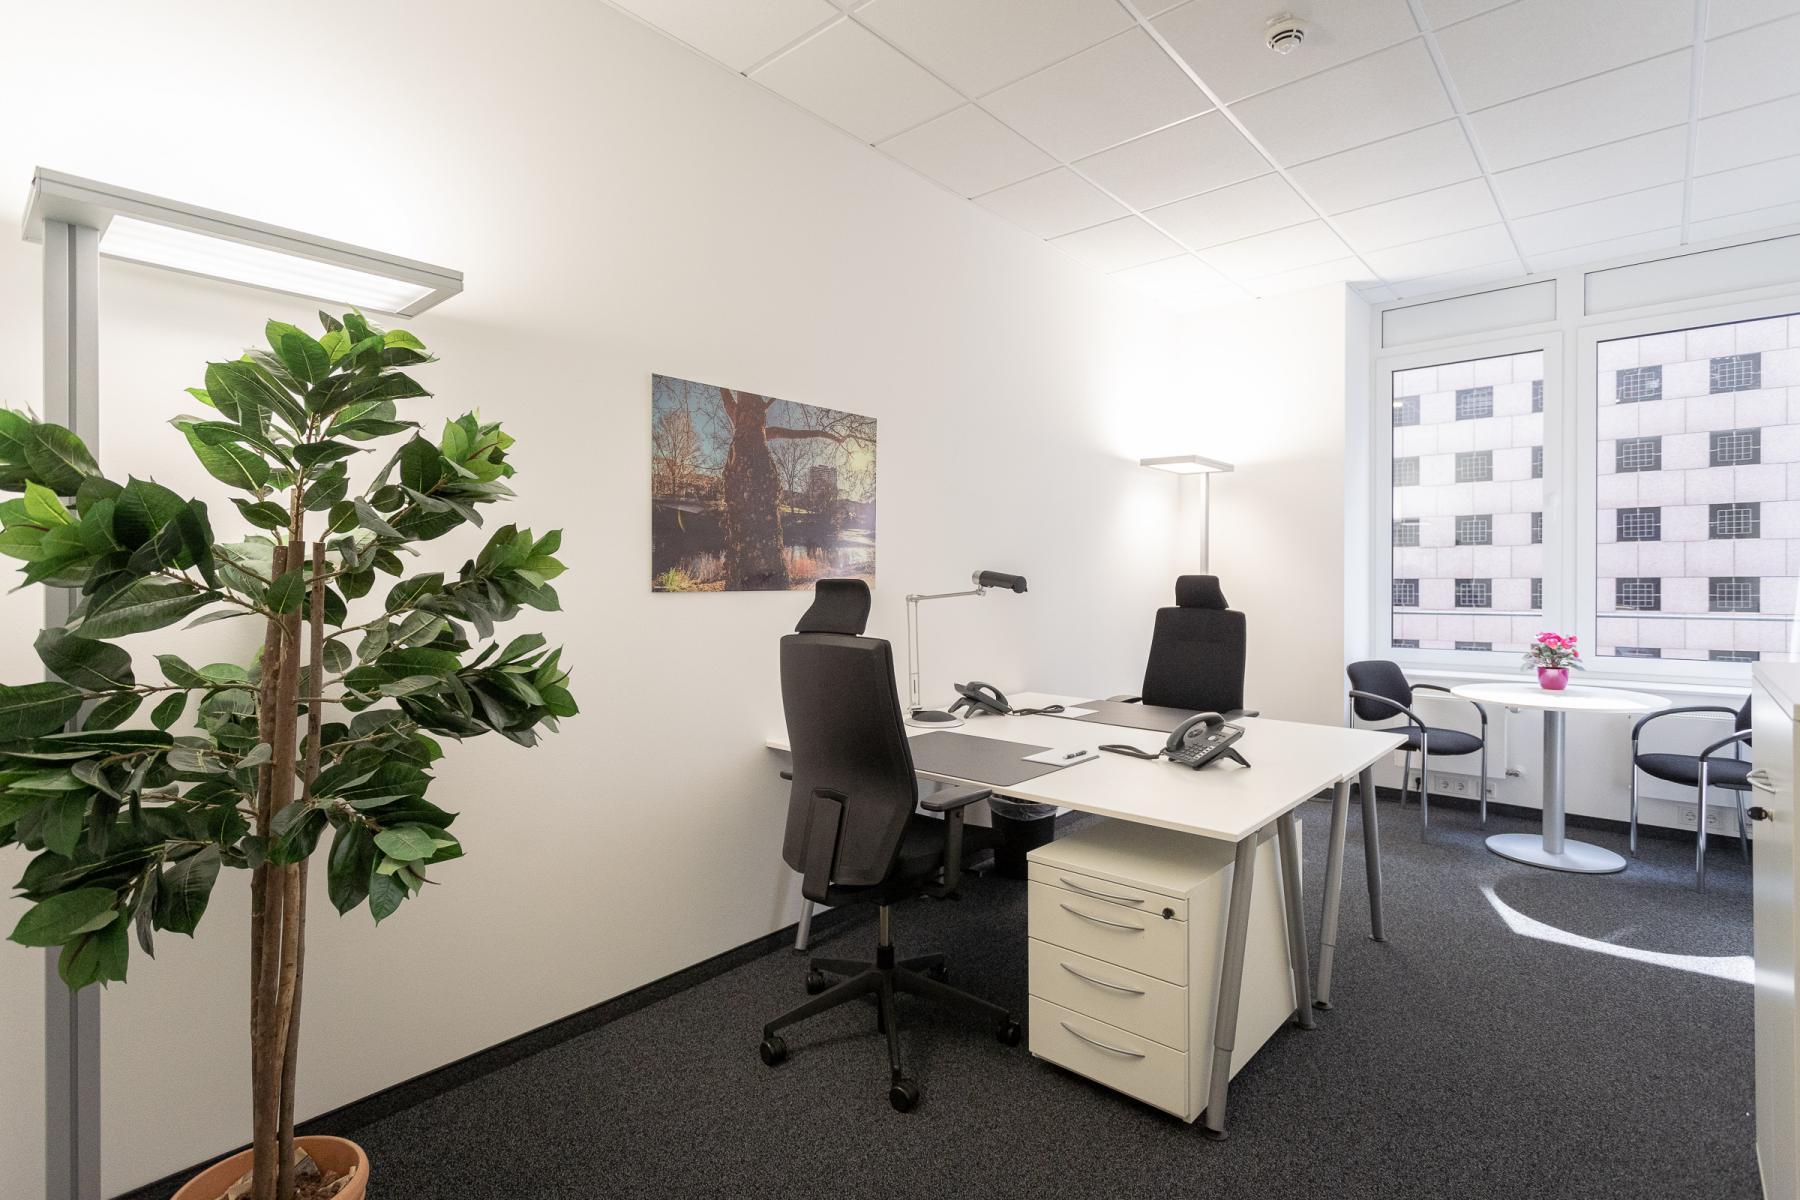 Finde dein neues berufliches Zuhause in Mietbüros in Hamburg